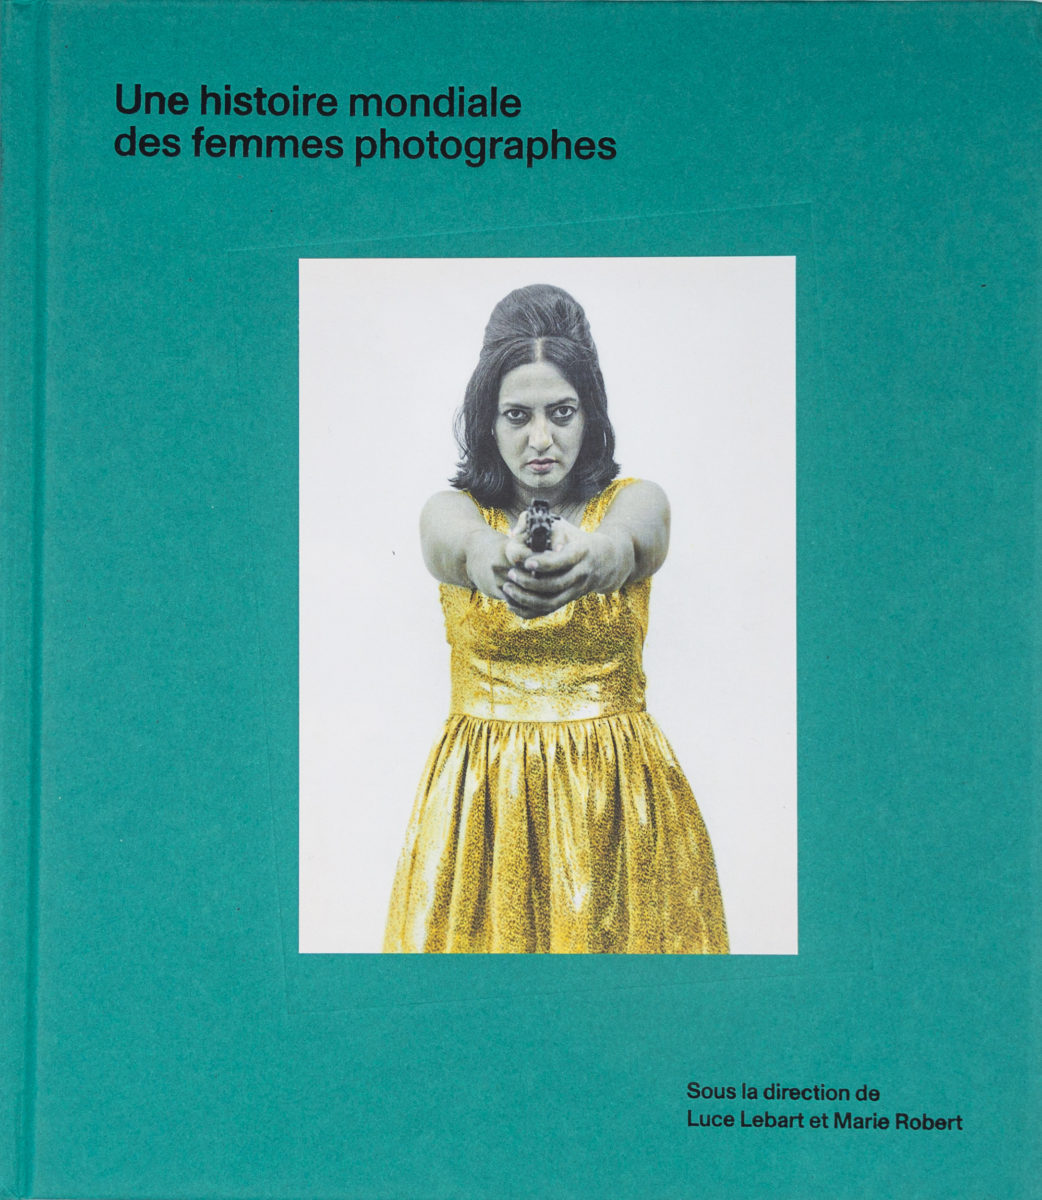 , Une histoire mondiale des femmes photographes